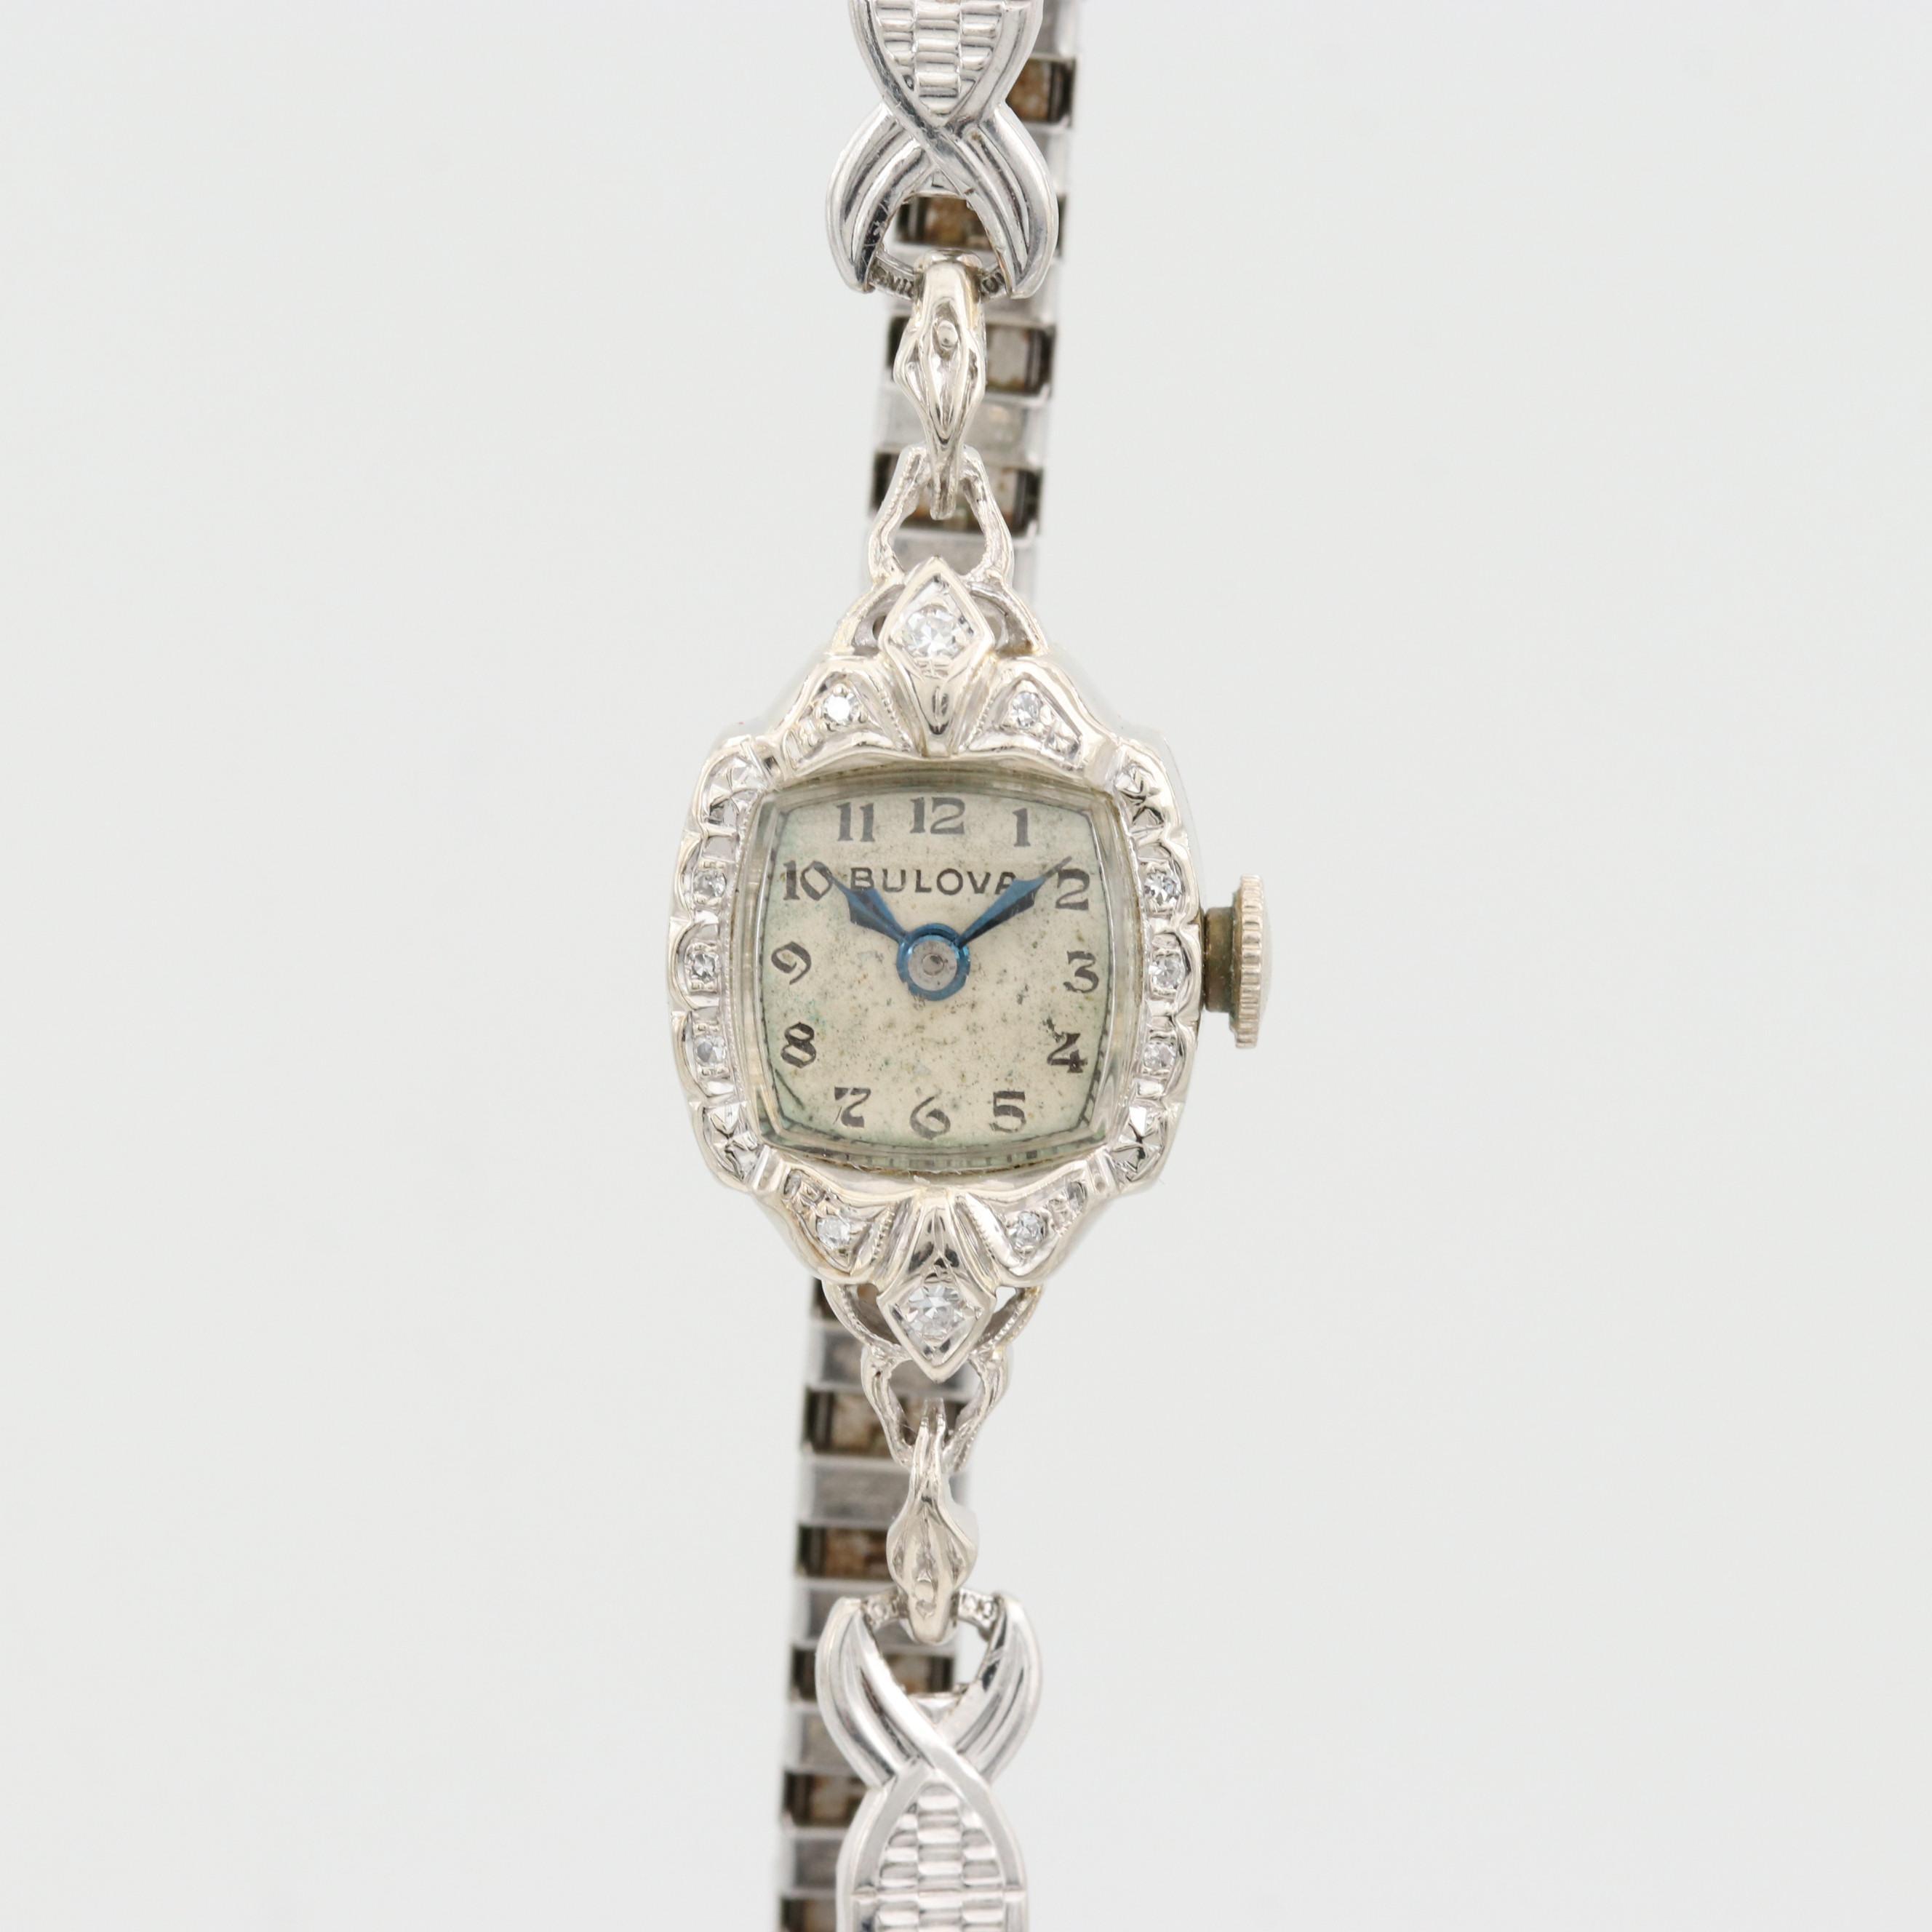 Bulova 14K White Gold and Diamond Bezel Wristwatch